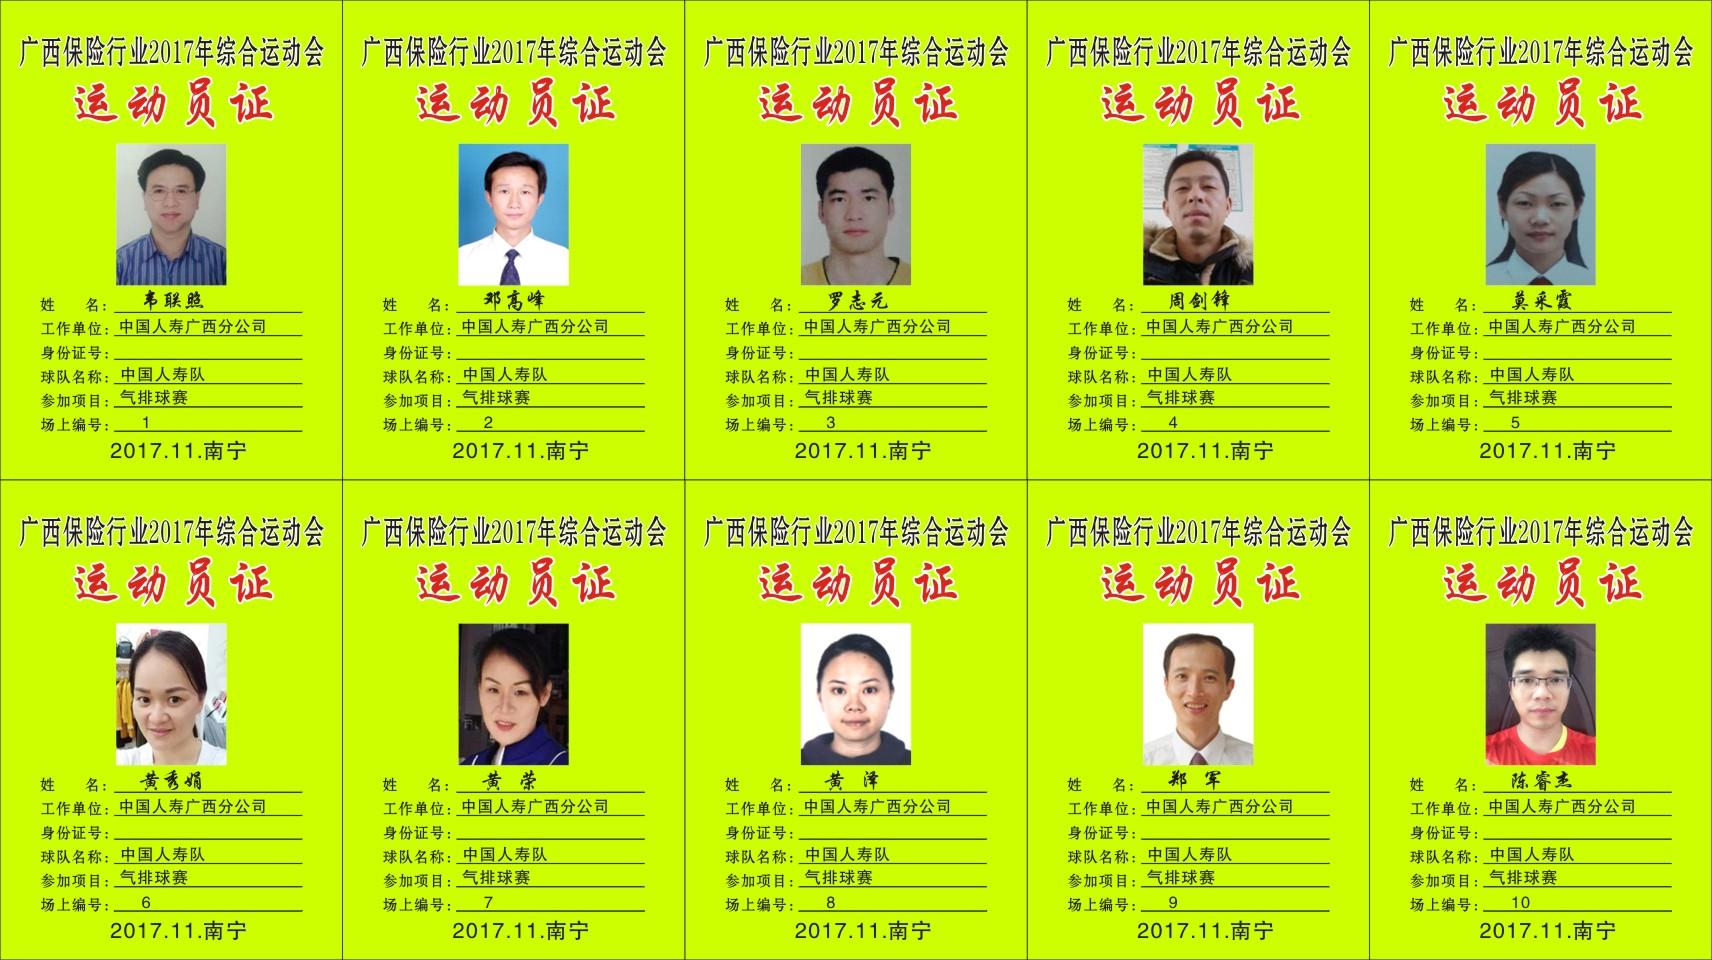 13中国人寿广西分公司.jpg